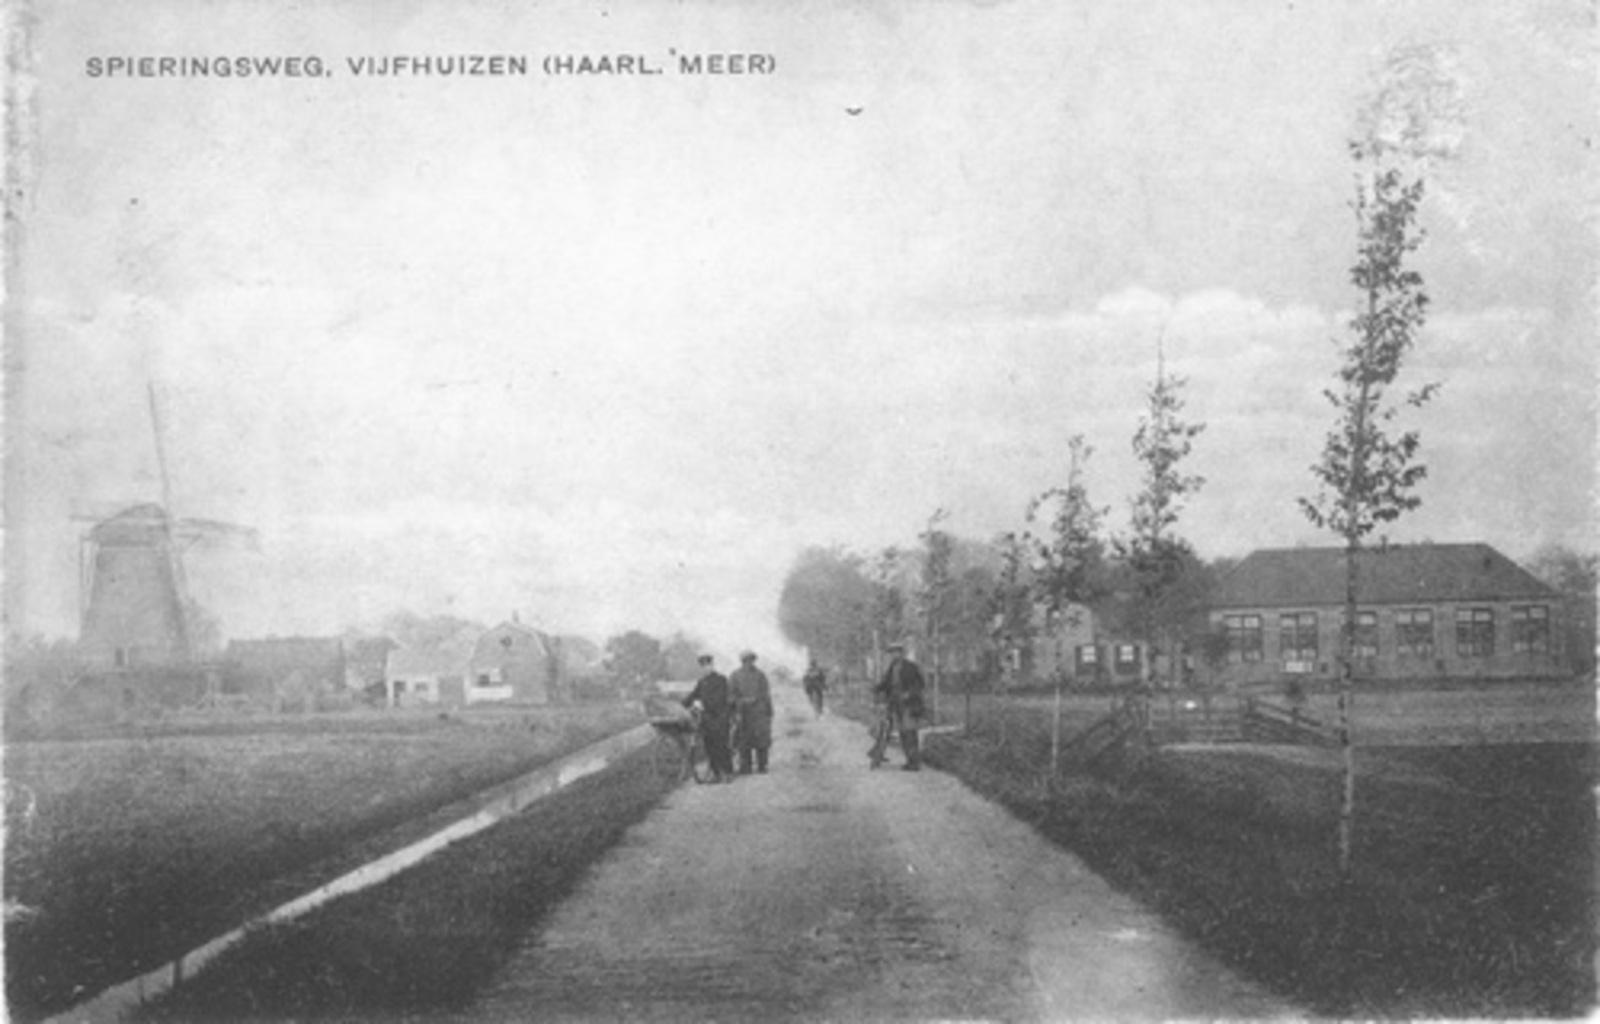 Spieringweg W 0582 1920 met Jonge Landman